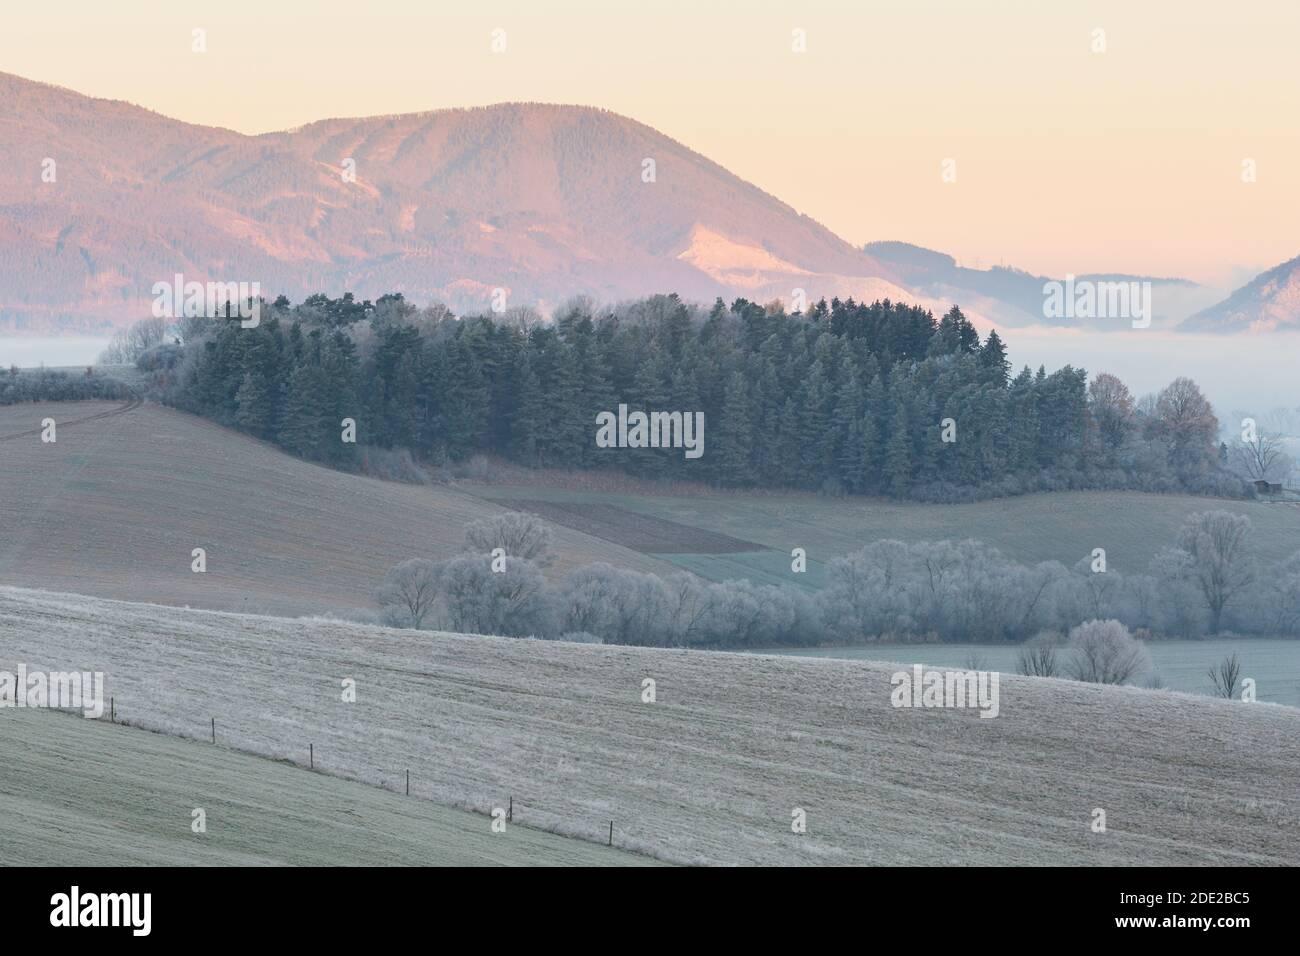 Ländliche Landschaft der Region Turiec und Mala Fatra Gebirge, Slowakei. Stockfoto